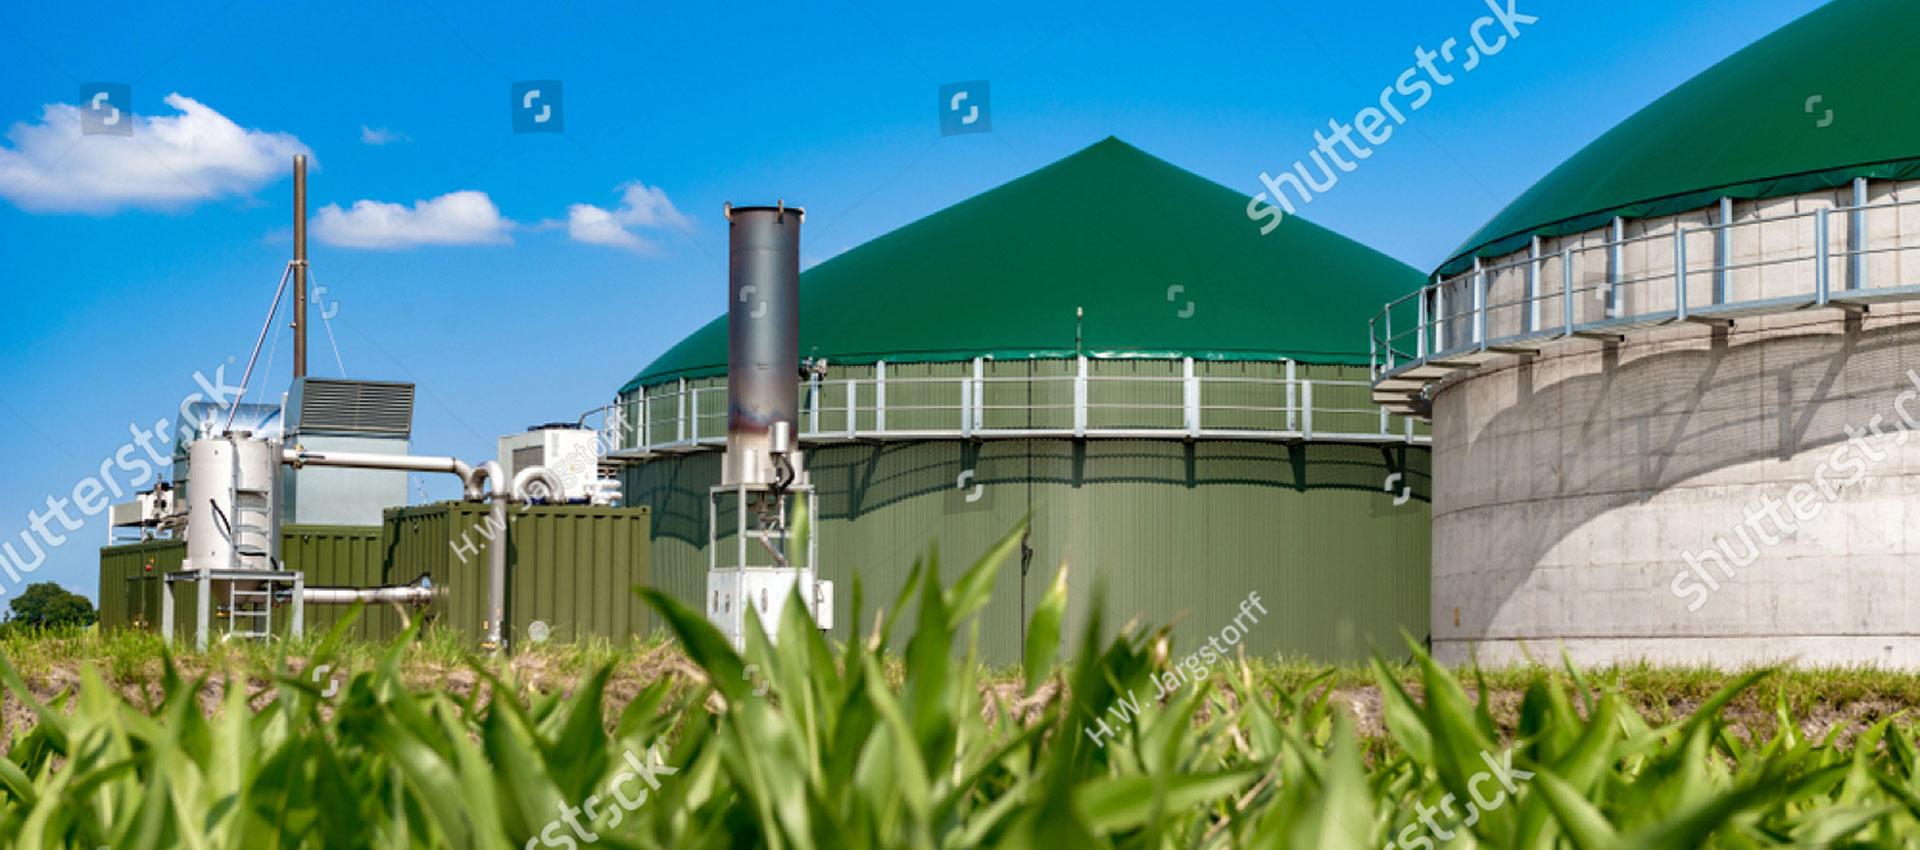 Software Butler - Das Batsch Butler® Warenwirtschaftssystem besteht aus zahlreichen branchenspezifischen Softwarebausteinen für den Bereich Erneuerbare Energie und die Agrarwirtschaft, Heizwerke, Biogas